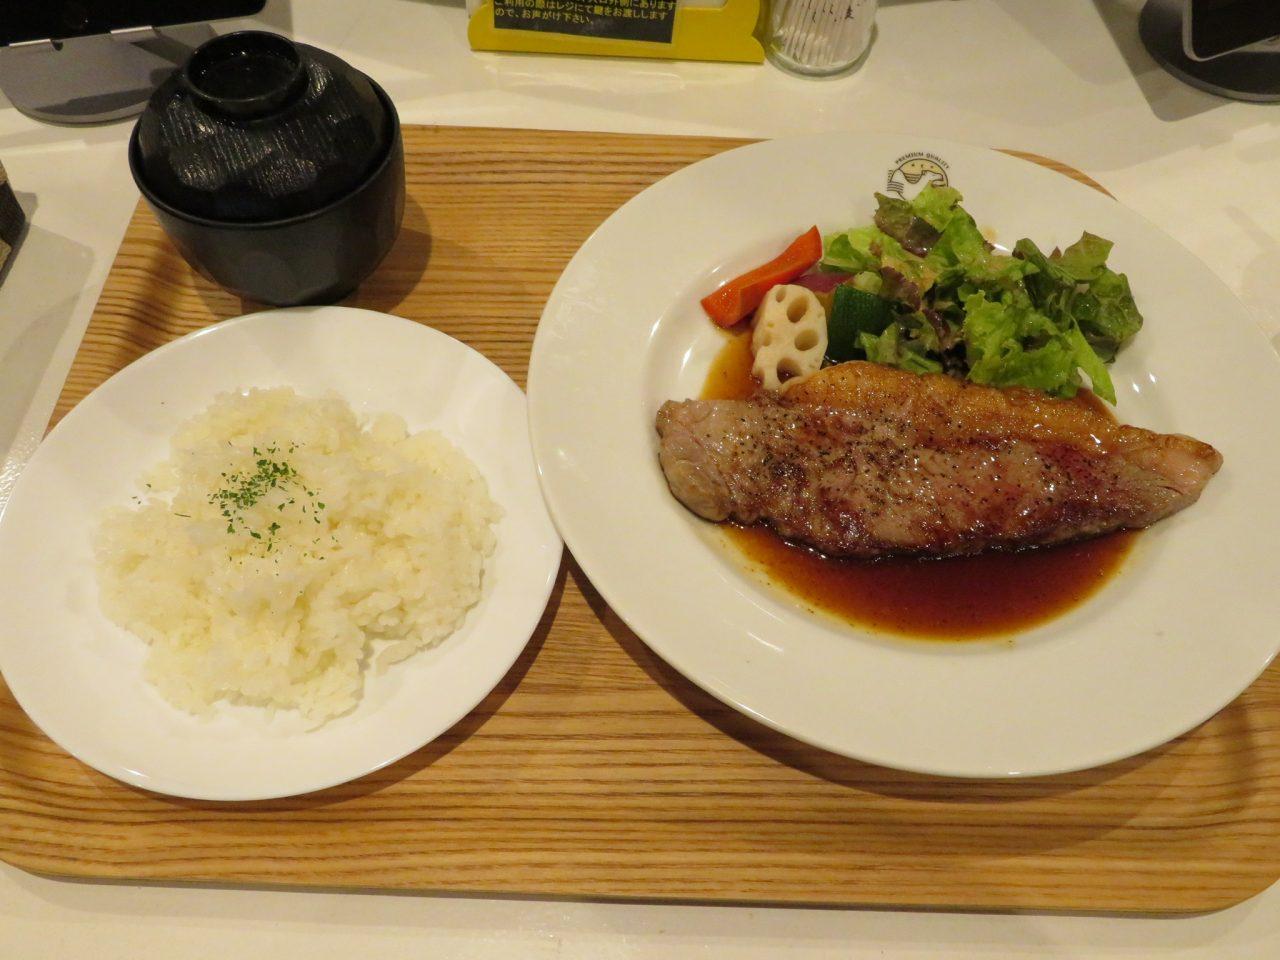 「すなば珈琲」特製のステーキセット。ごはんとみそ汁、コーヒーもついて1,200円(税抜)